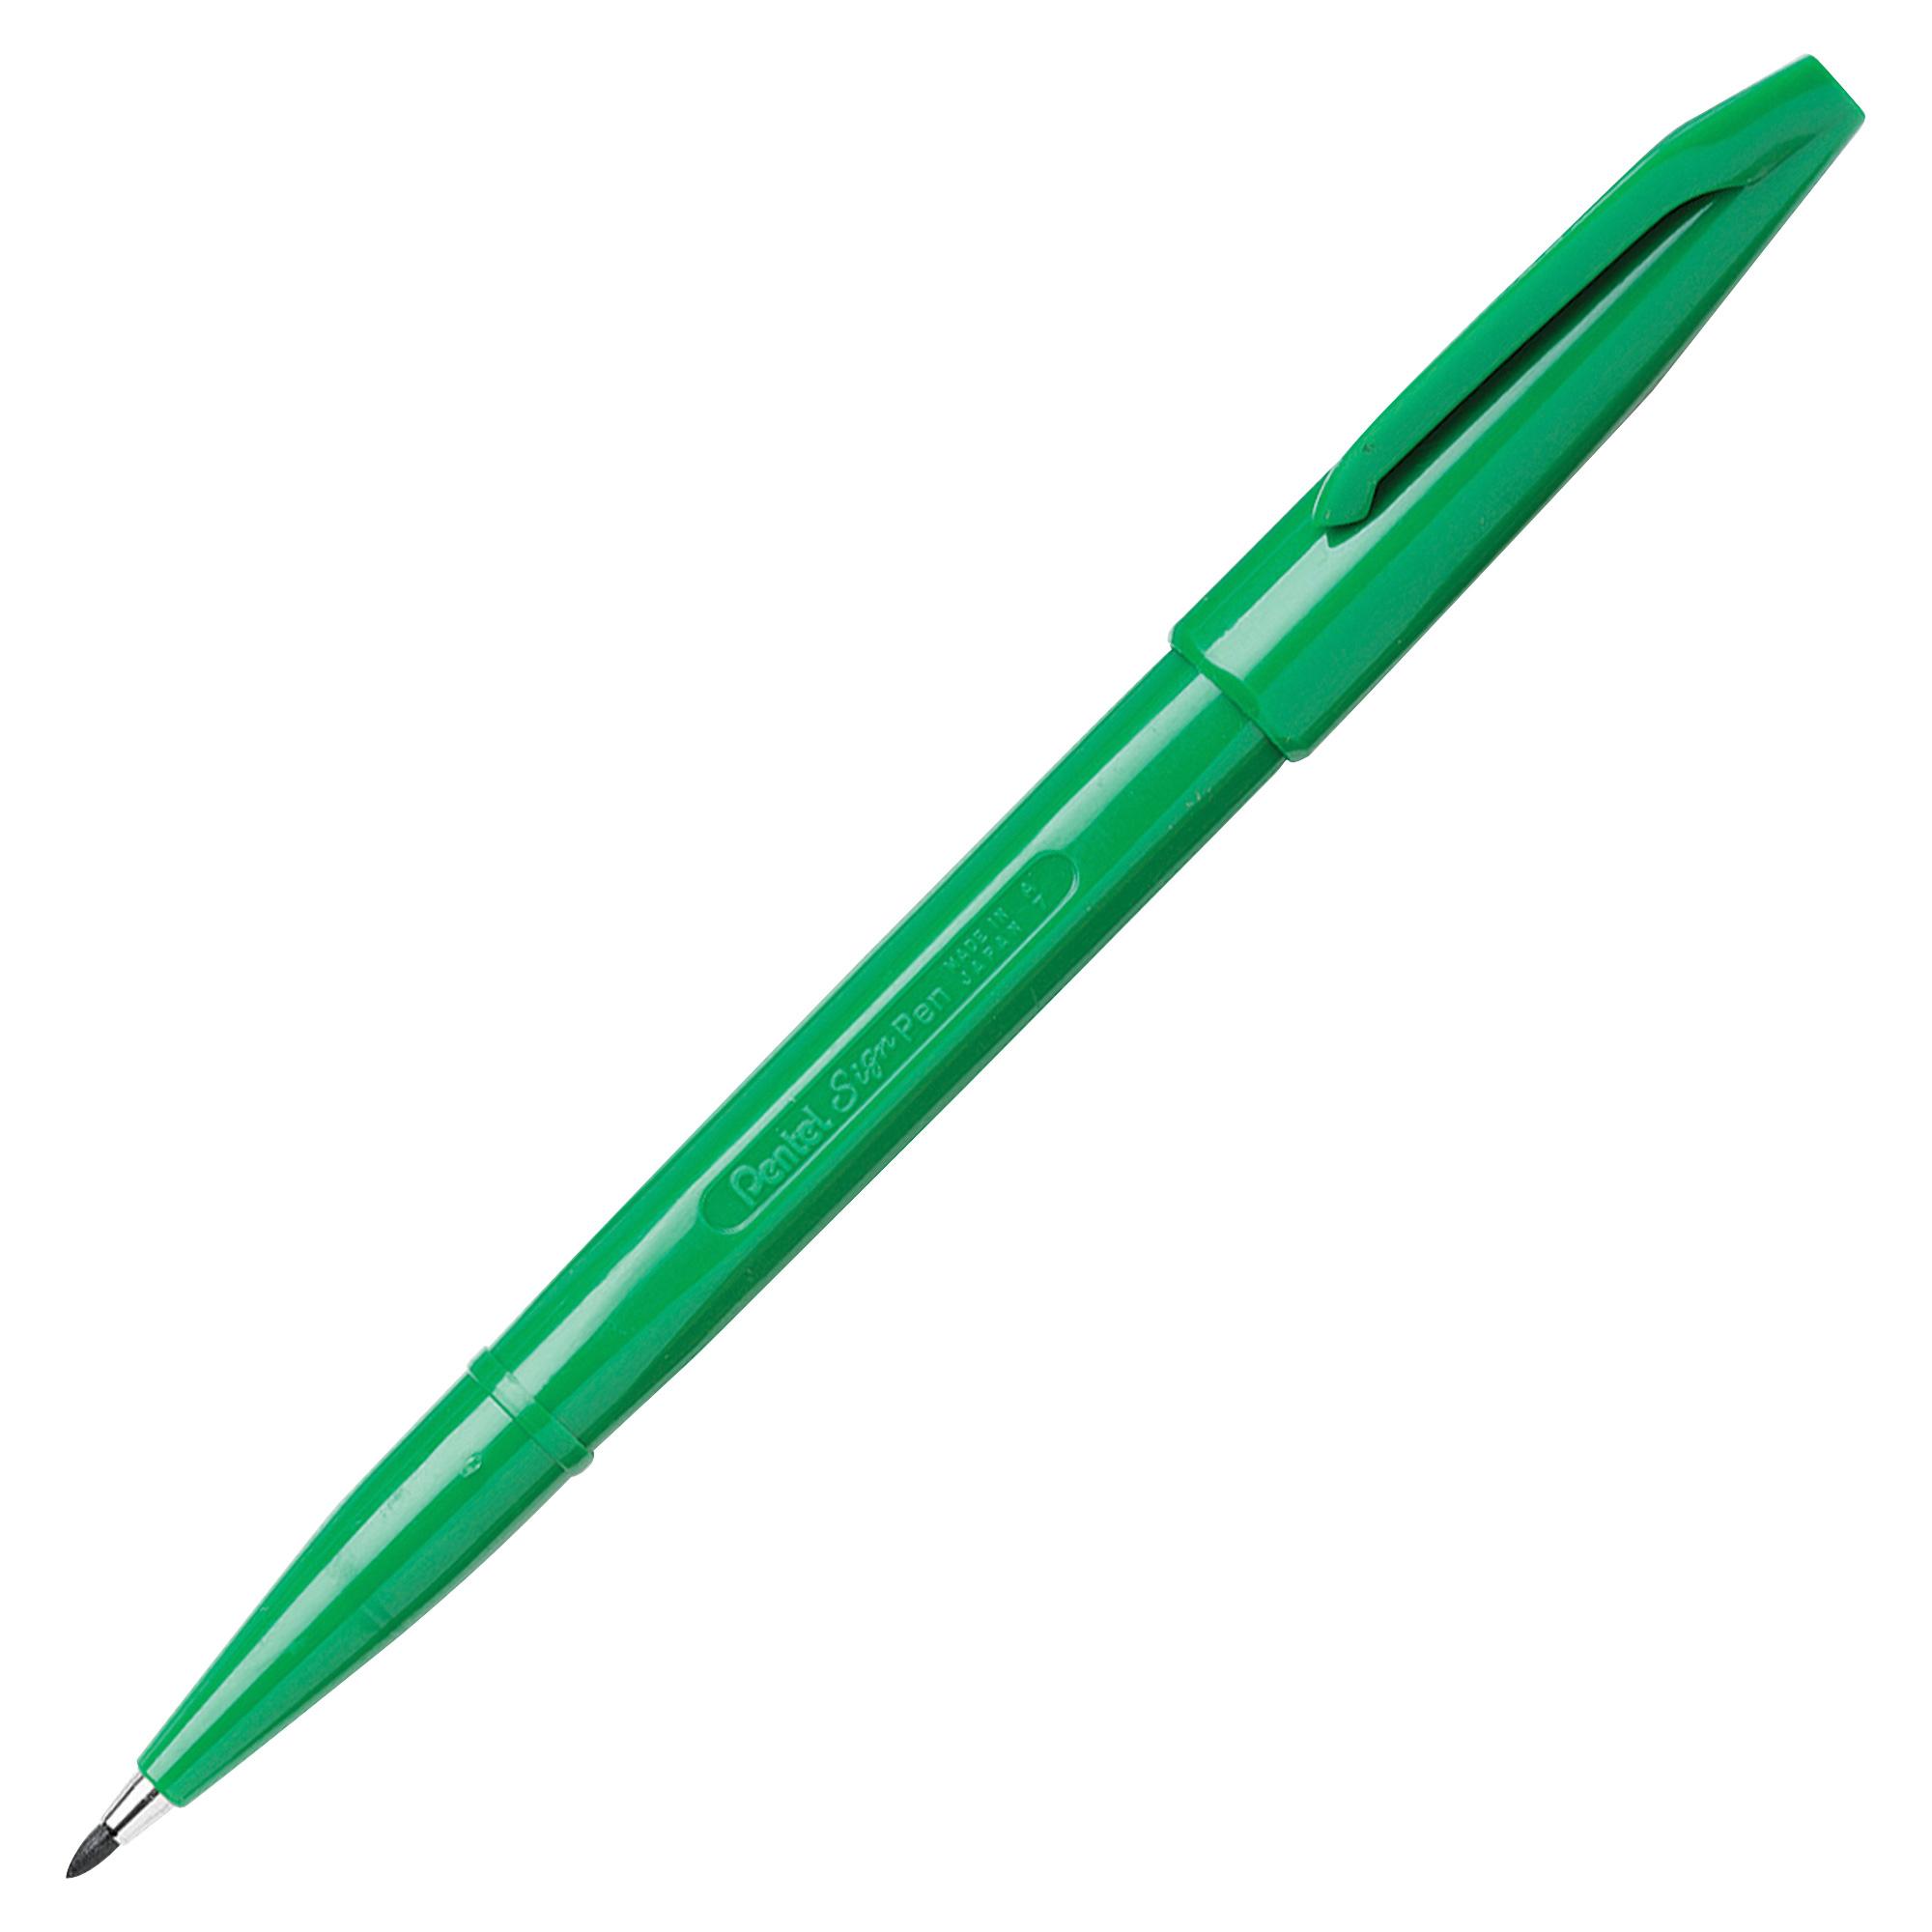 Pentel Sign Pen fineliner Fine Green 1 pc(s)